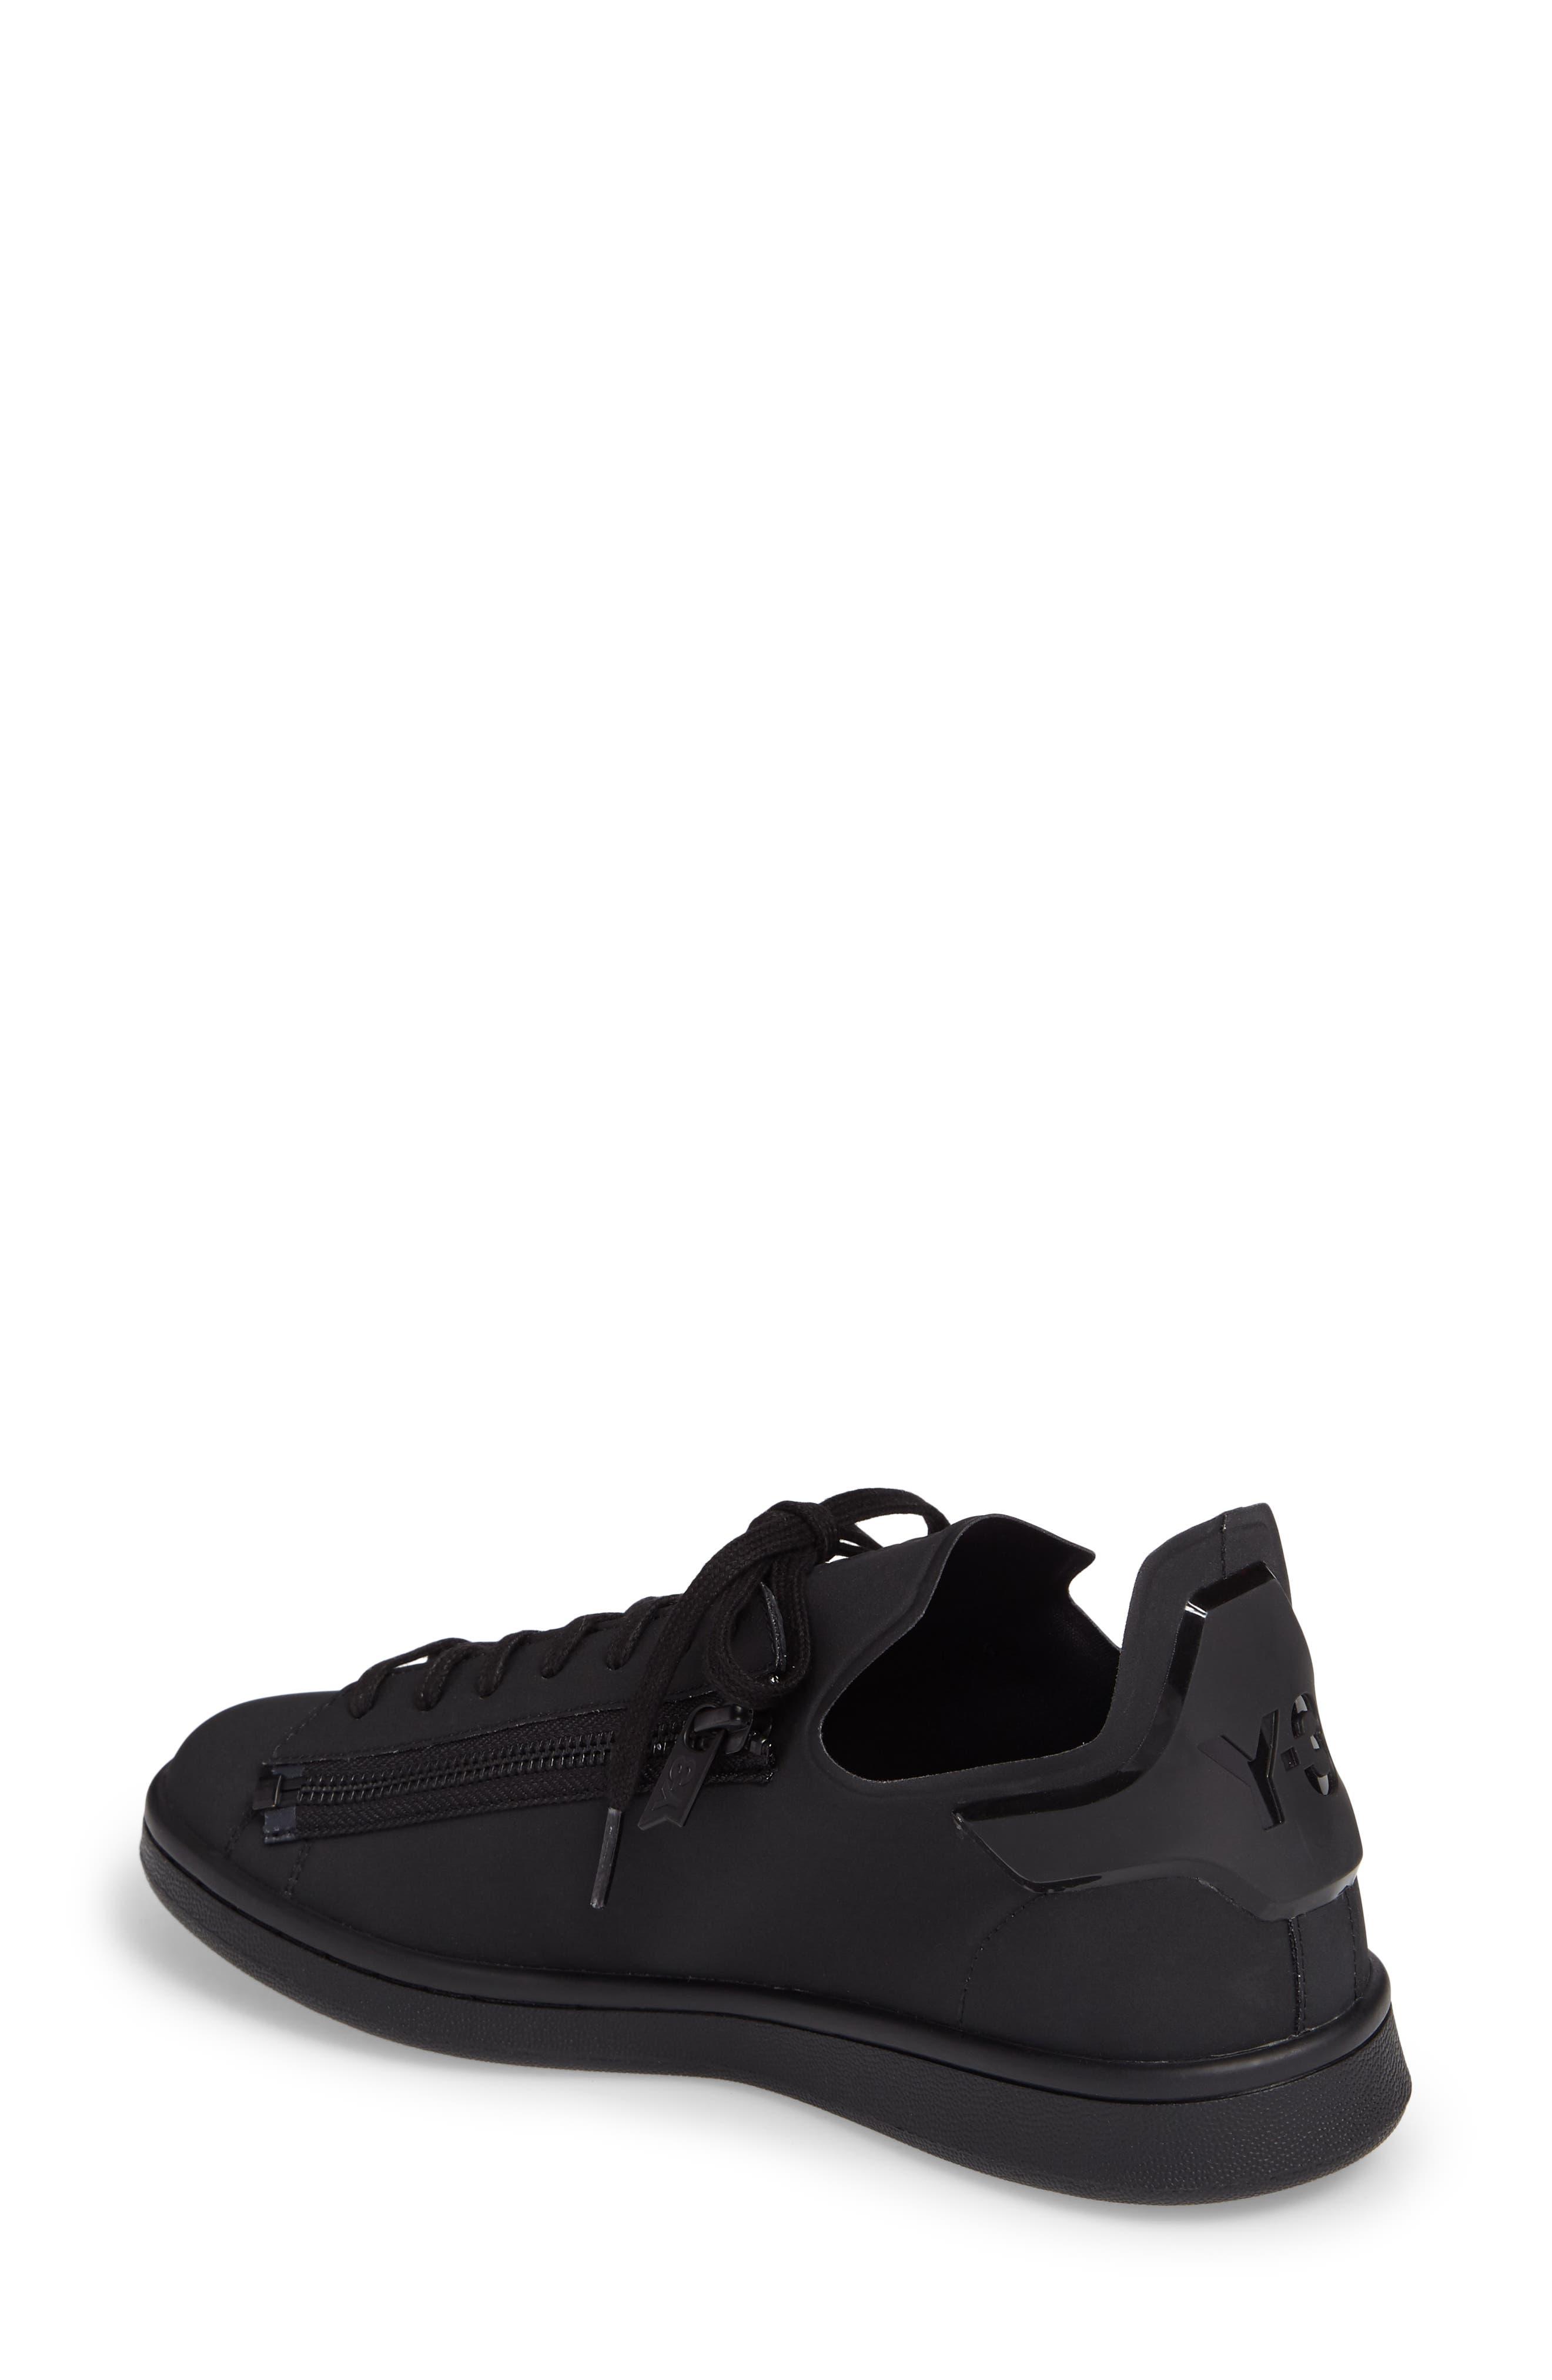 Stan Low Top Sneaker,                             Alternate thumbnail 2, color,                             001